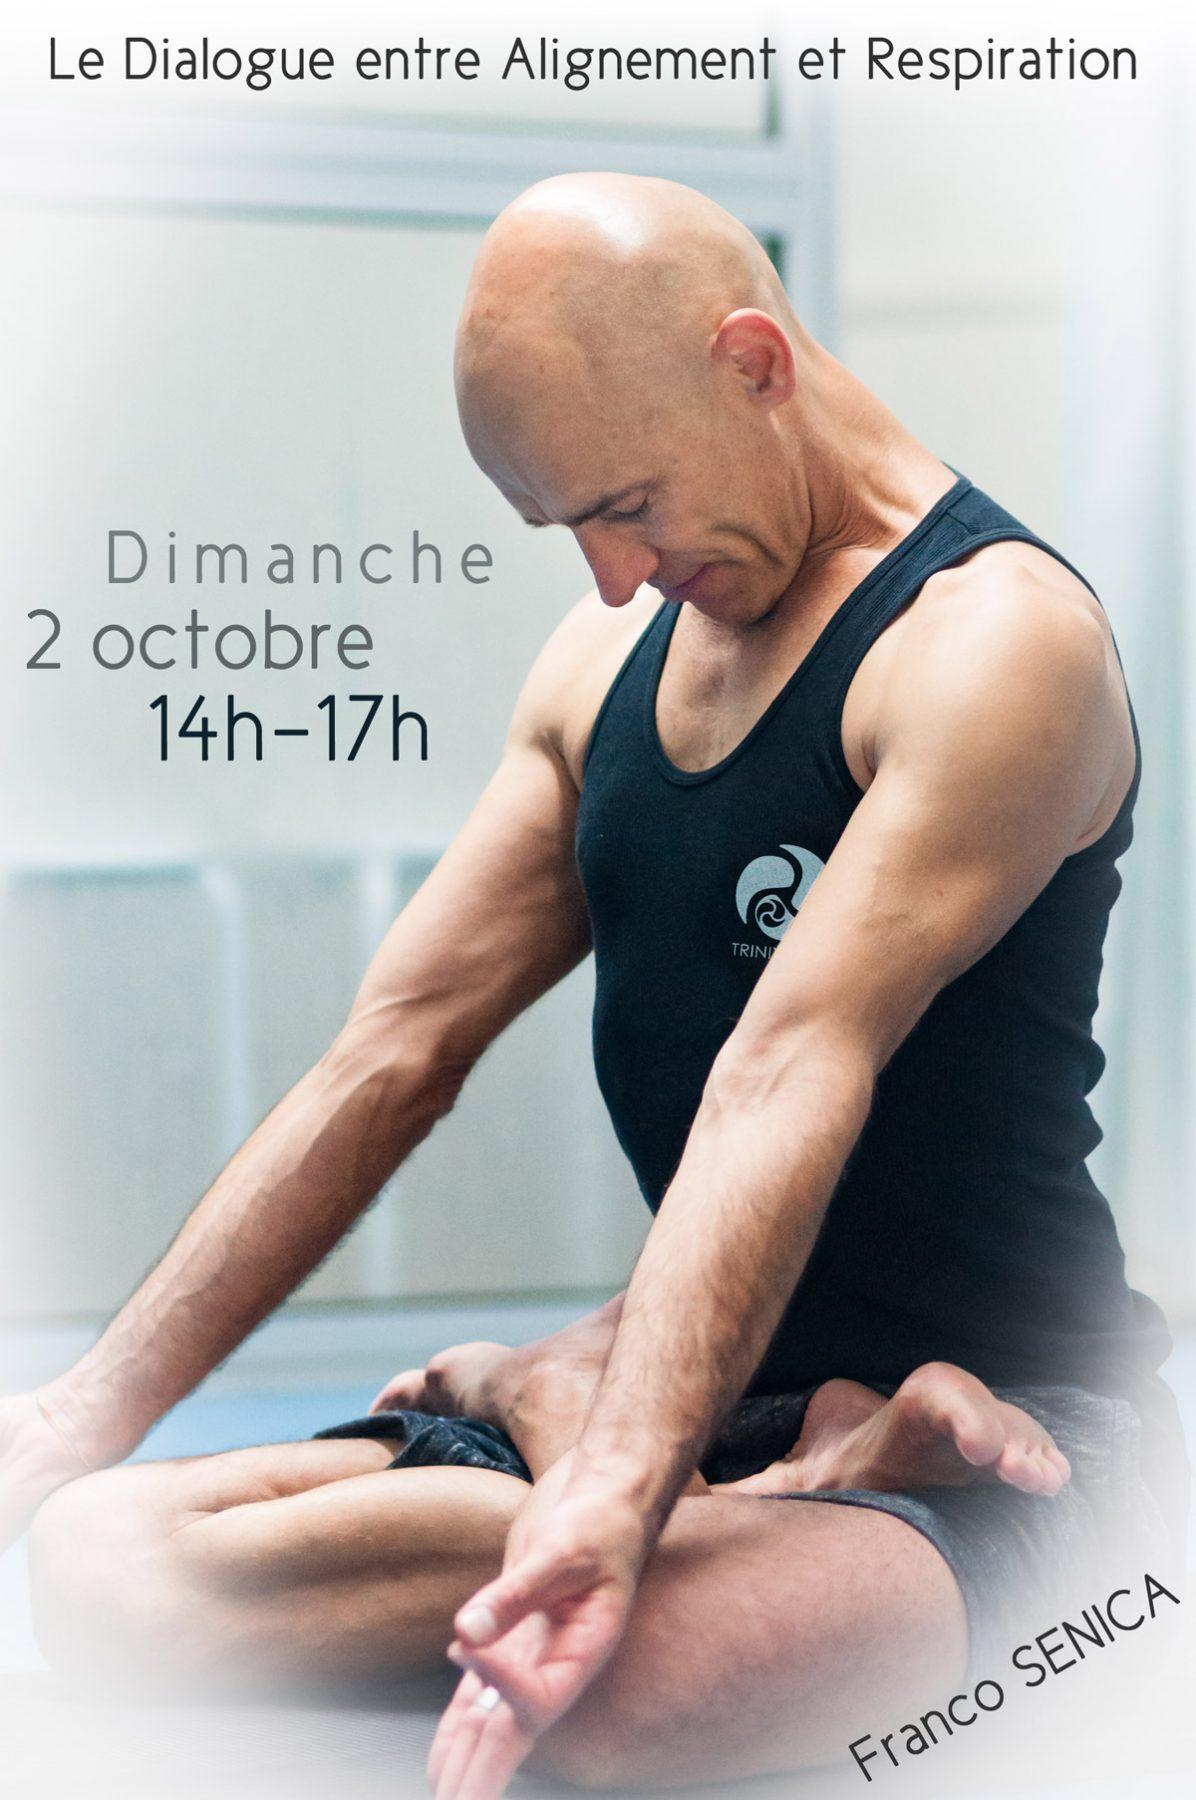 Franco Senica en padmasana - Atelier TriniYoga Paris